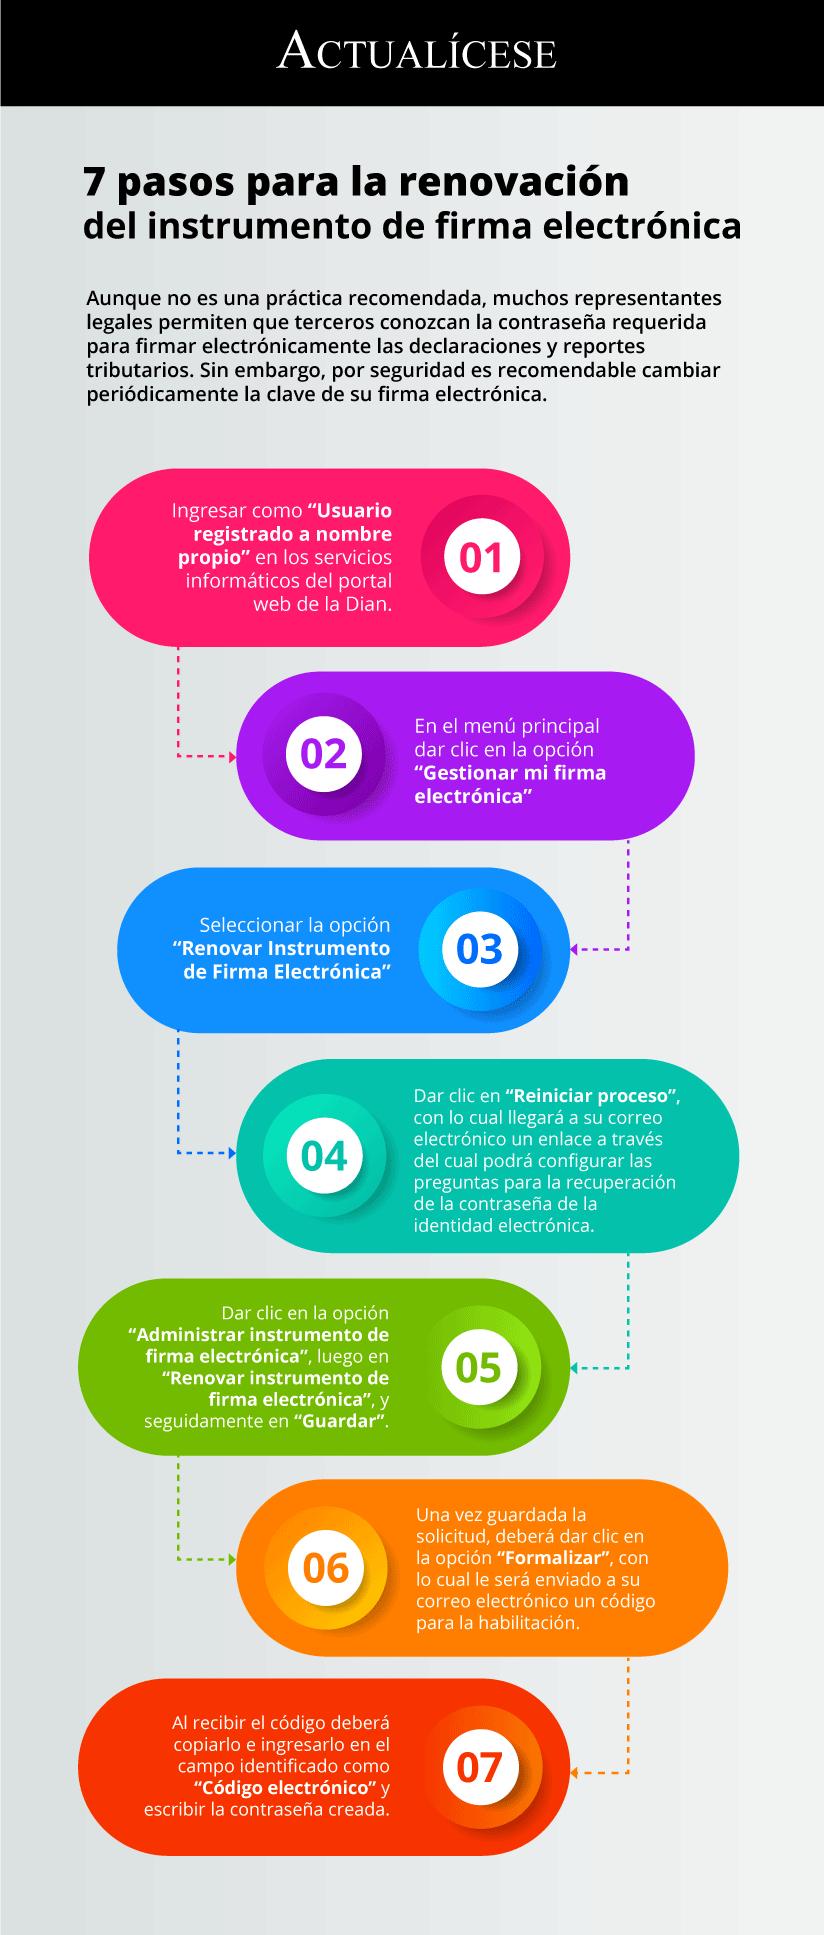 [Infografía] 7 pasos para la renovación del instrumento de firma electrónica